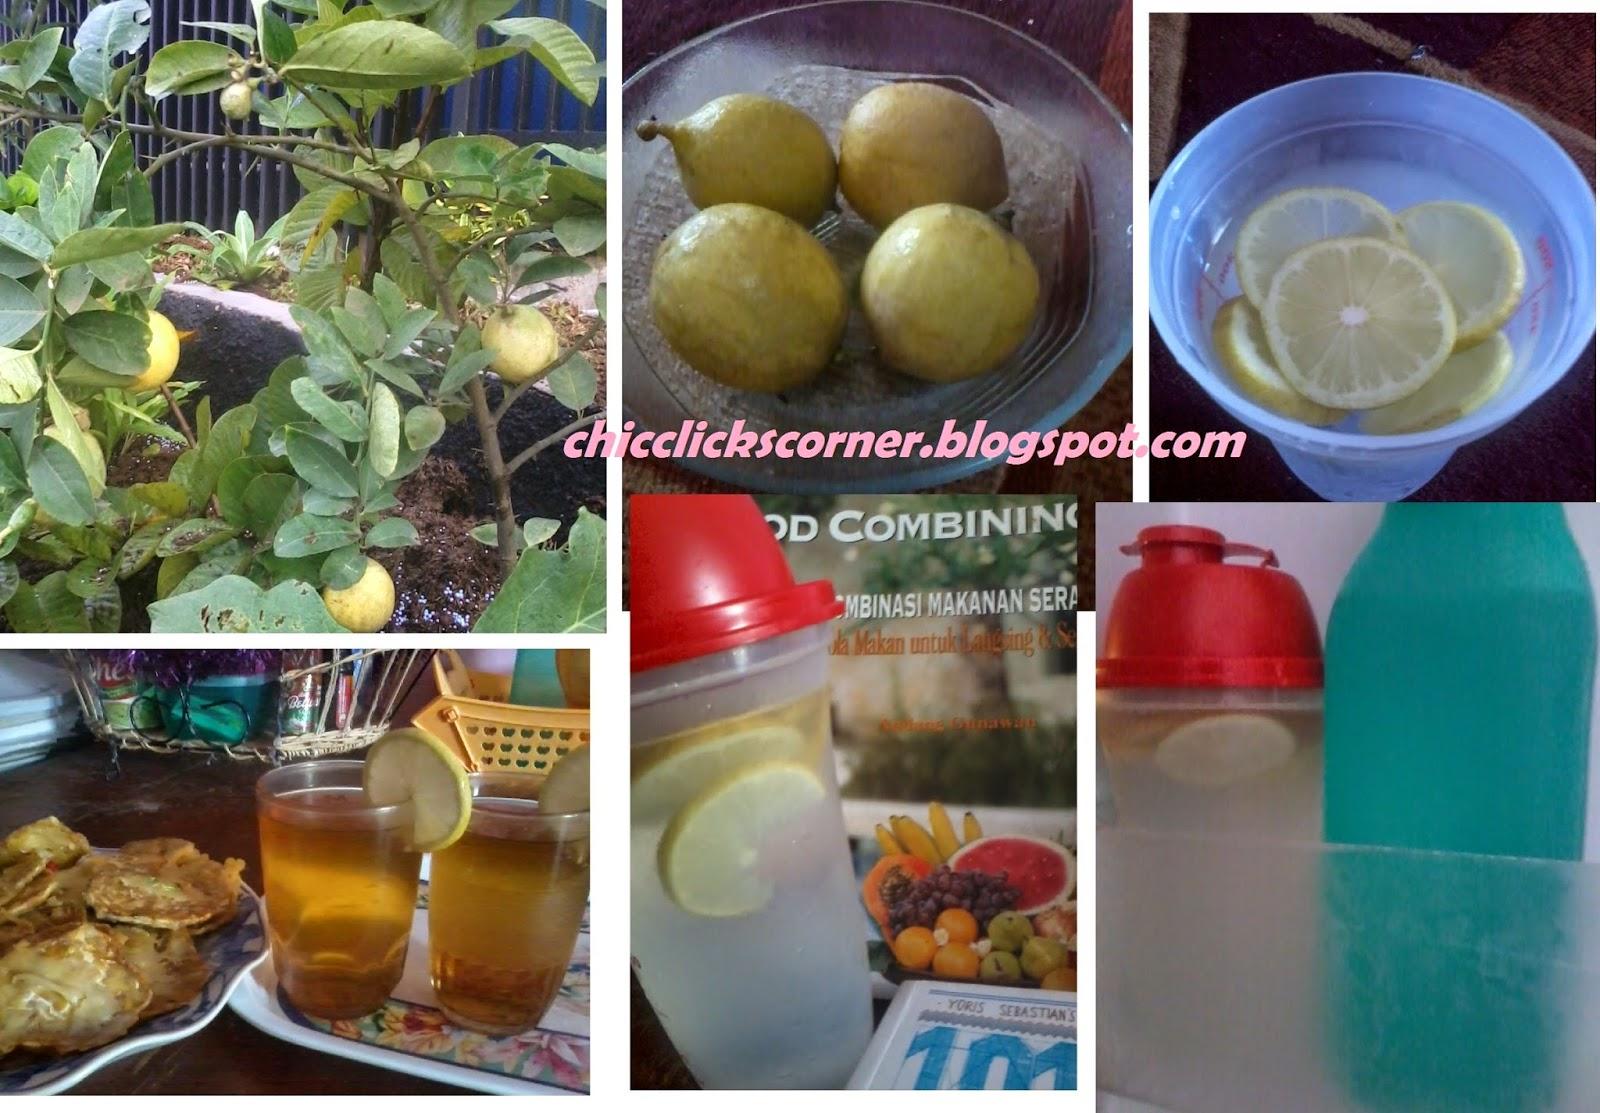 35 Manfaat dan Khasiat Infused Water untuk Kesehatan, Kecantikan Serta Efek Samping